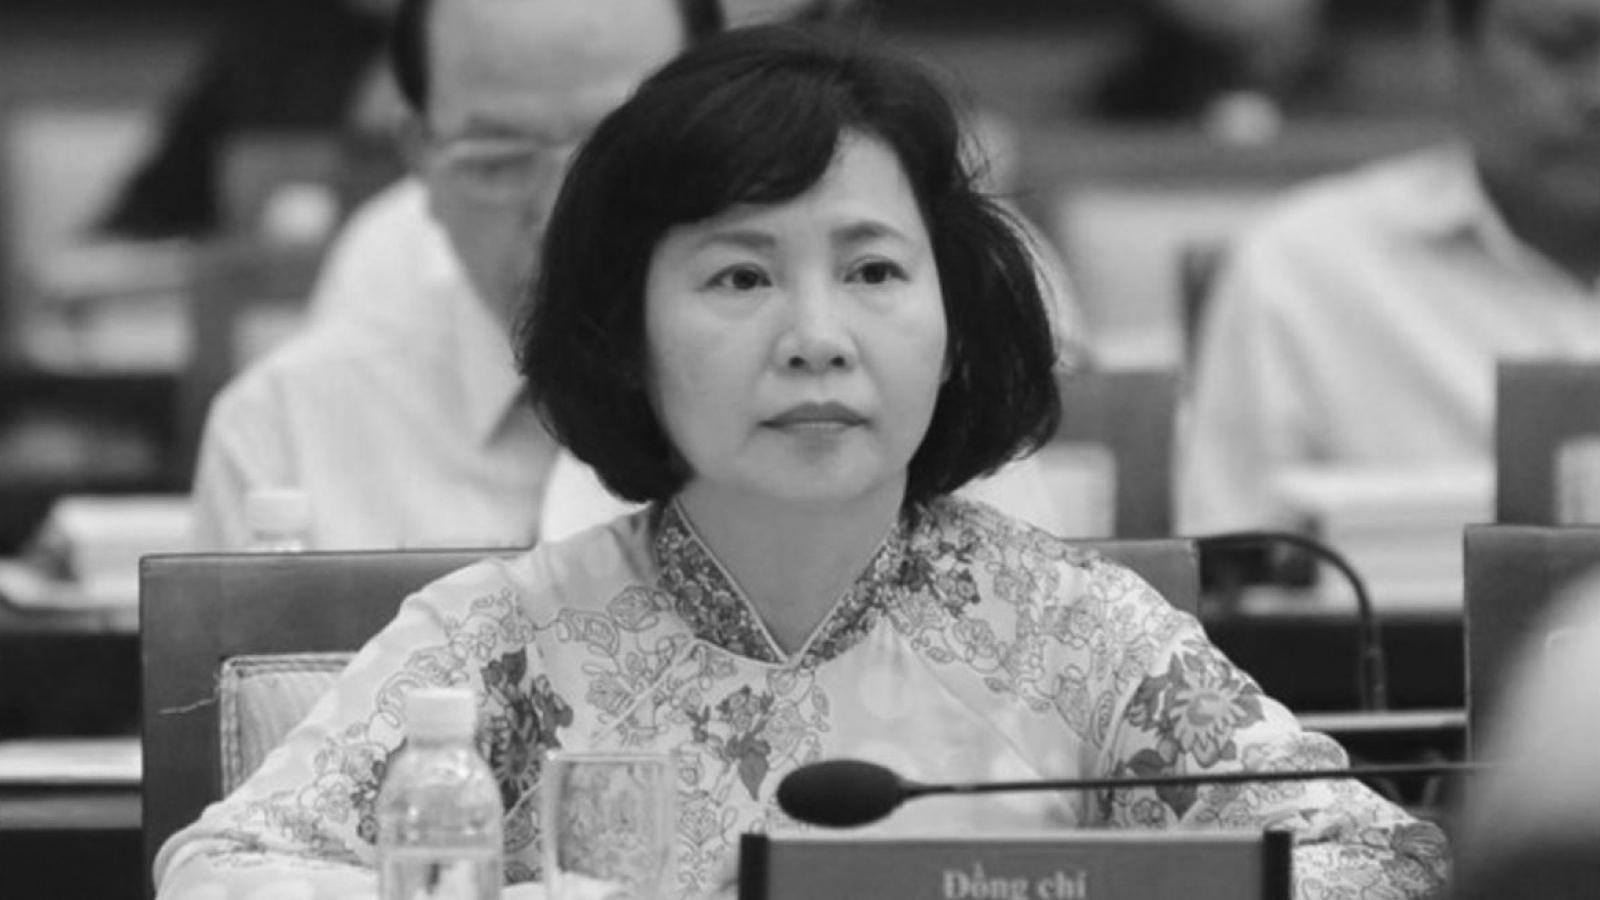 Vì sao đến giờ cựu Thứ trưởng Hồ Thị Kim Thoa mới bị khai trừ Đảng?